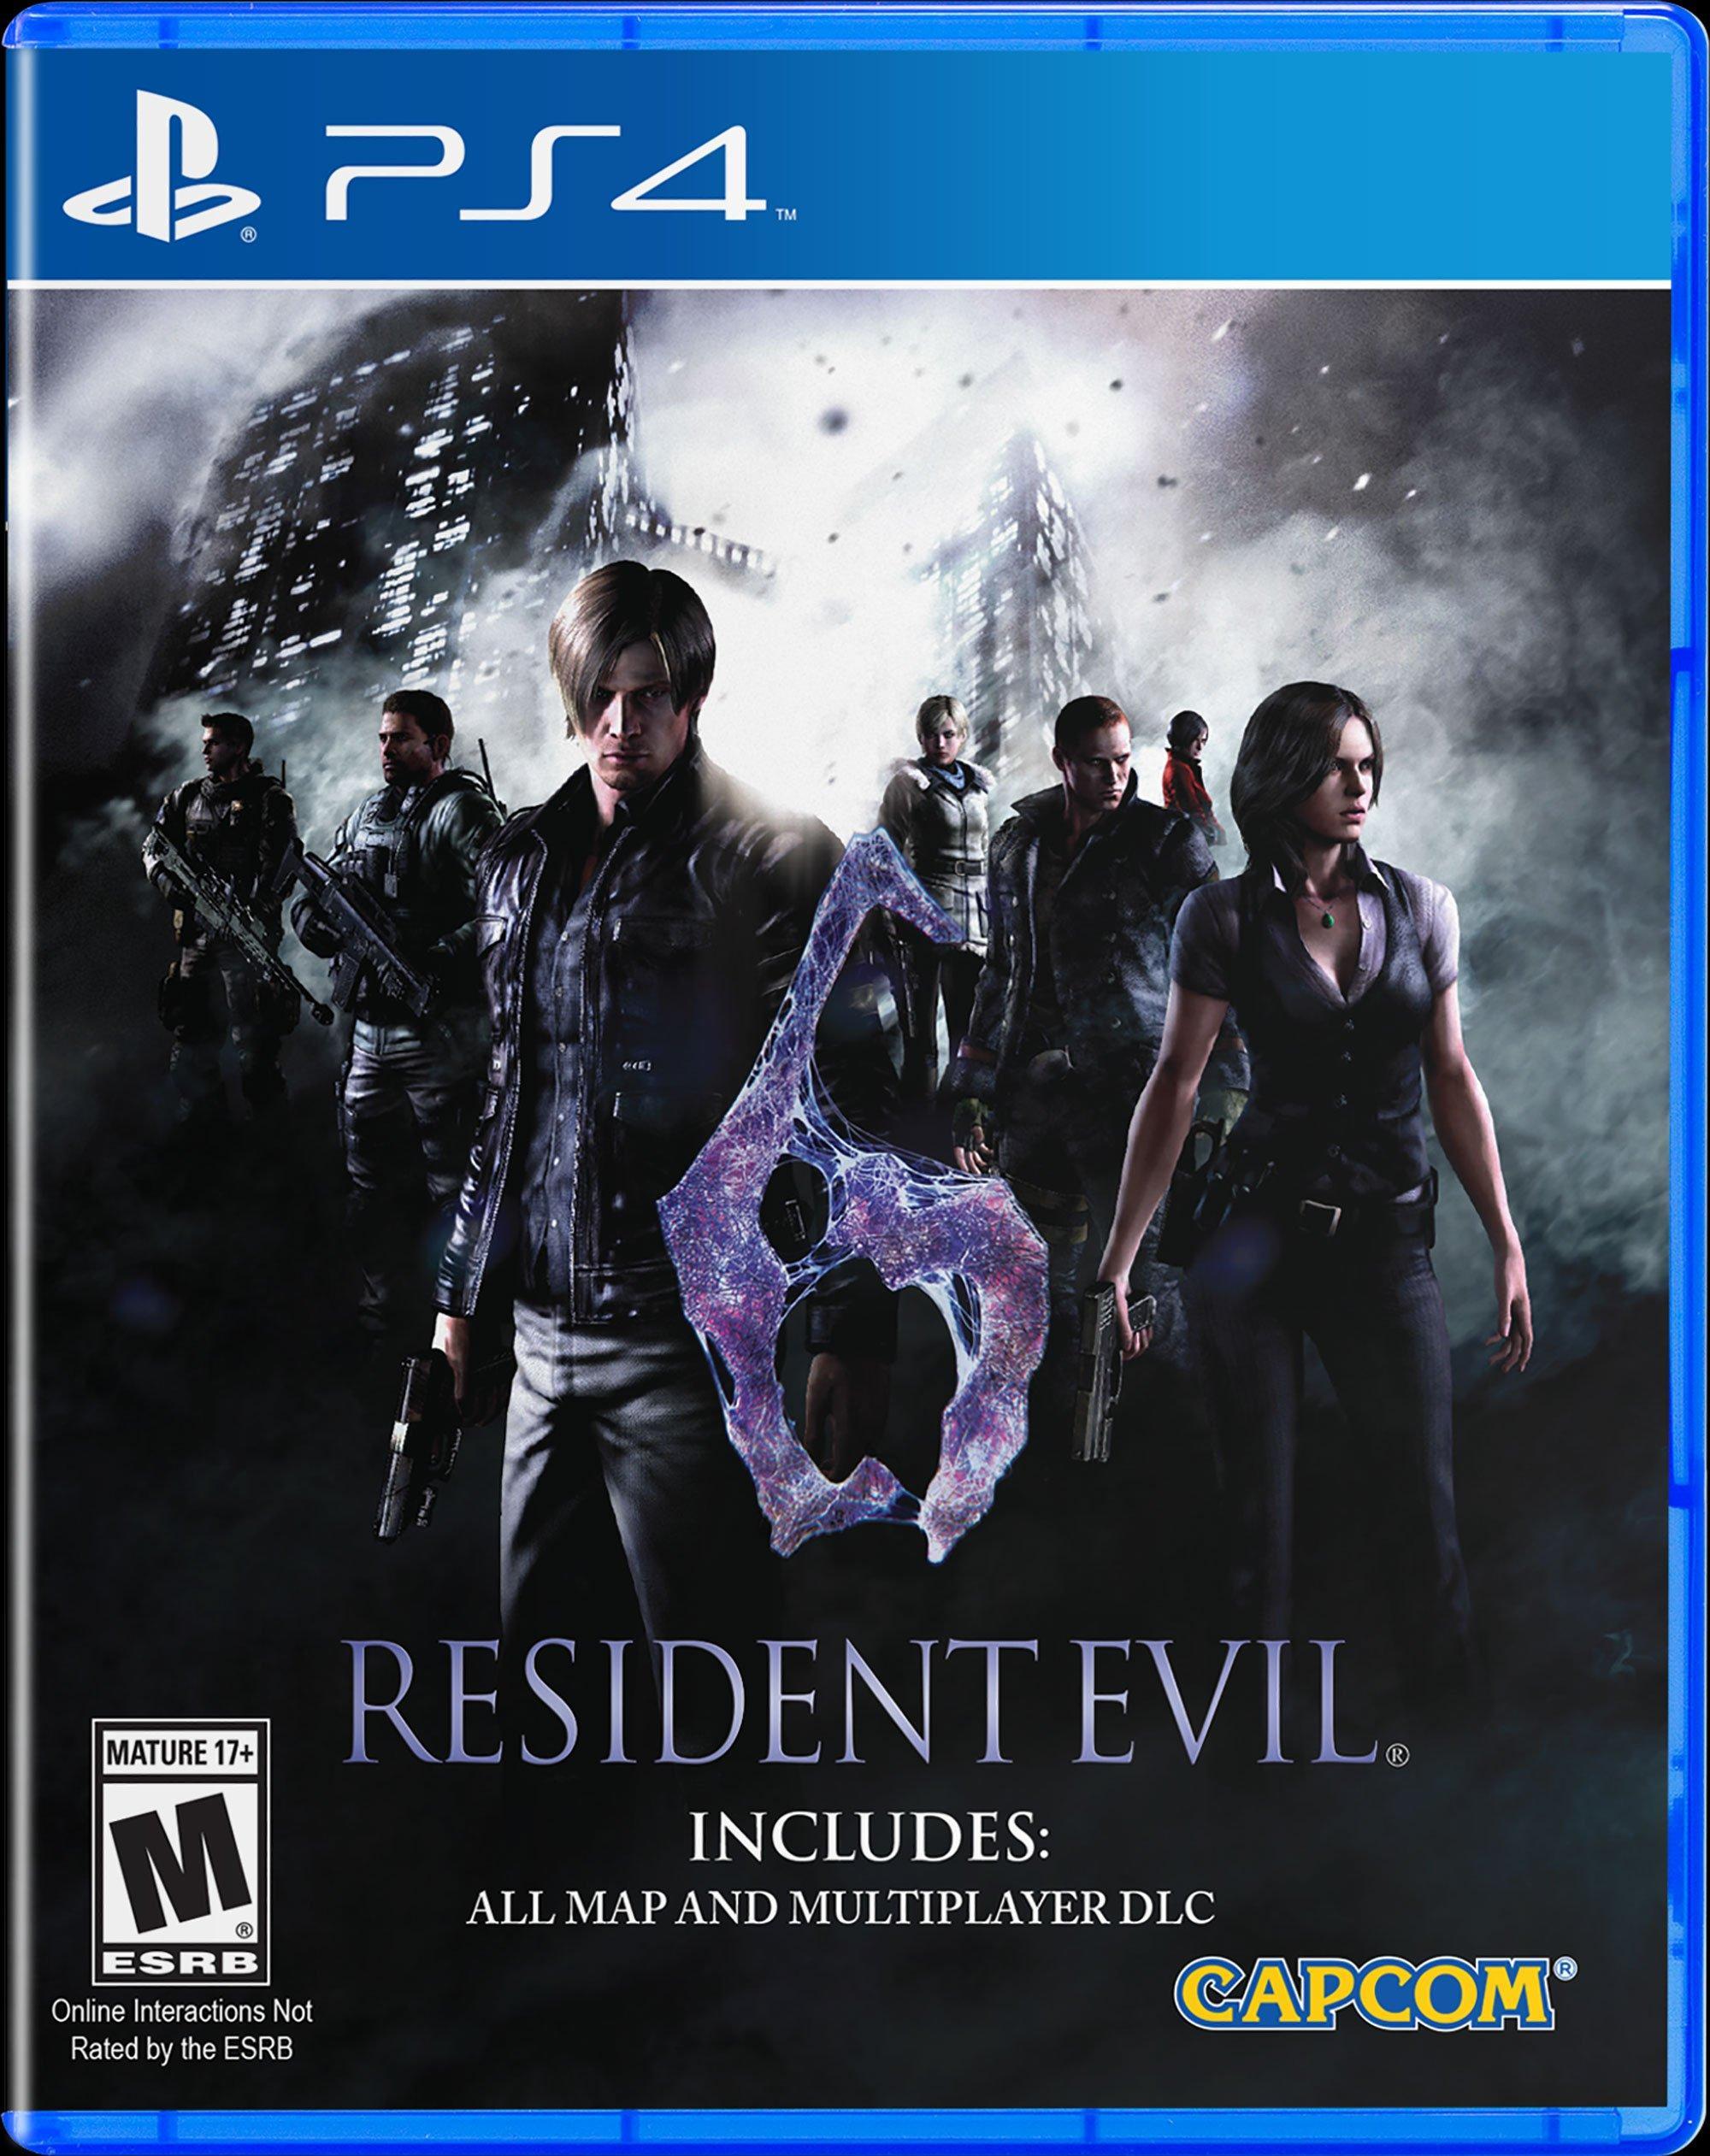 Resident Evil 6 Hd Playstation 4 Gamestop